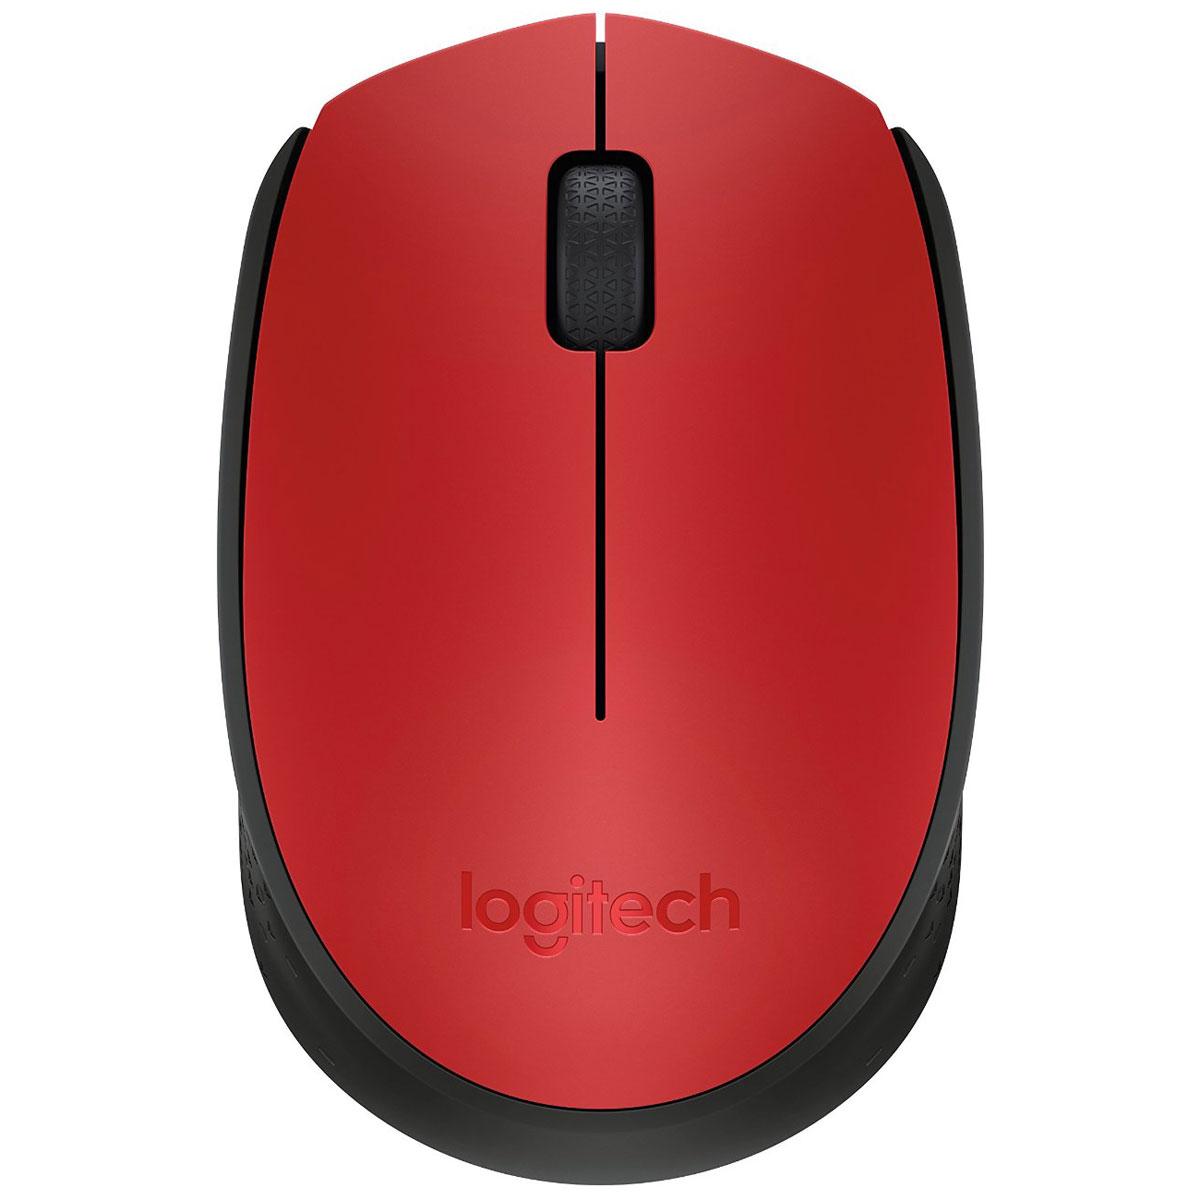 Souris PC Logitech M171 Wireless Mouse (Rouge) Souris sans fil - ambidextre - capteur optique - 3 boutons